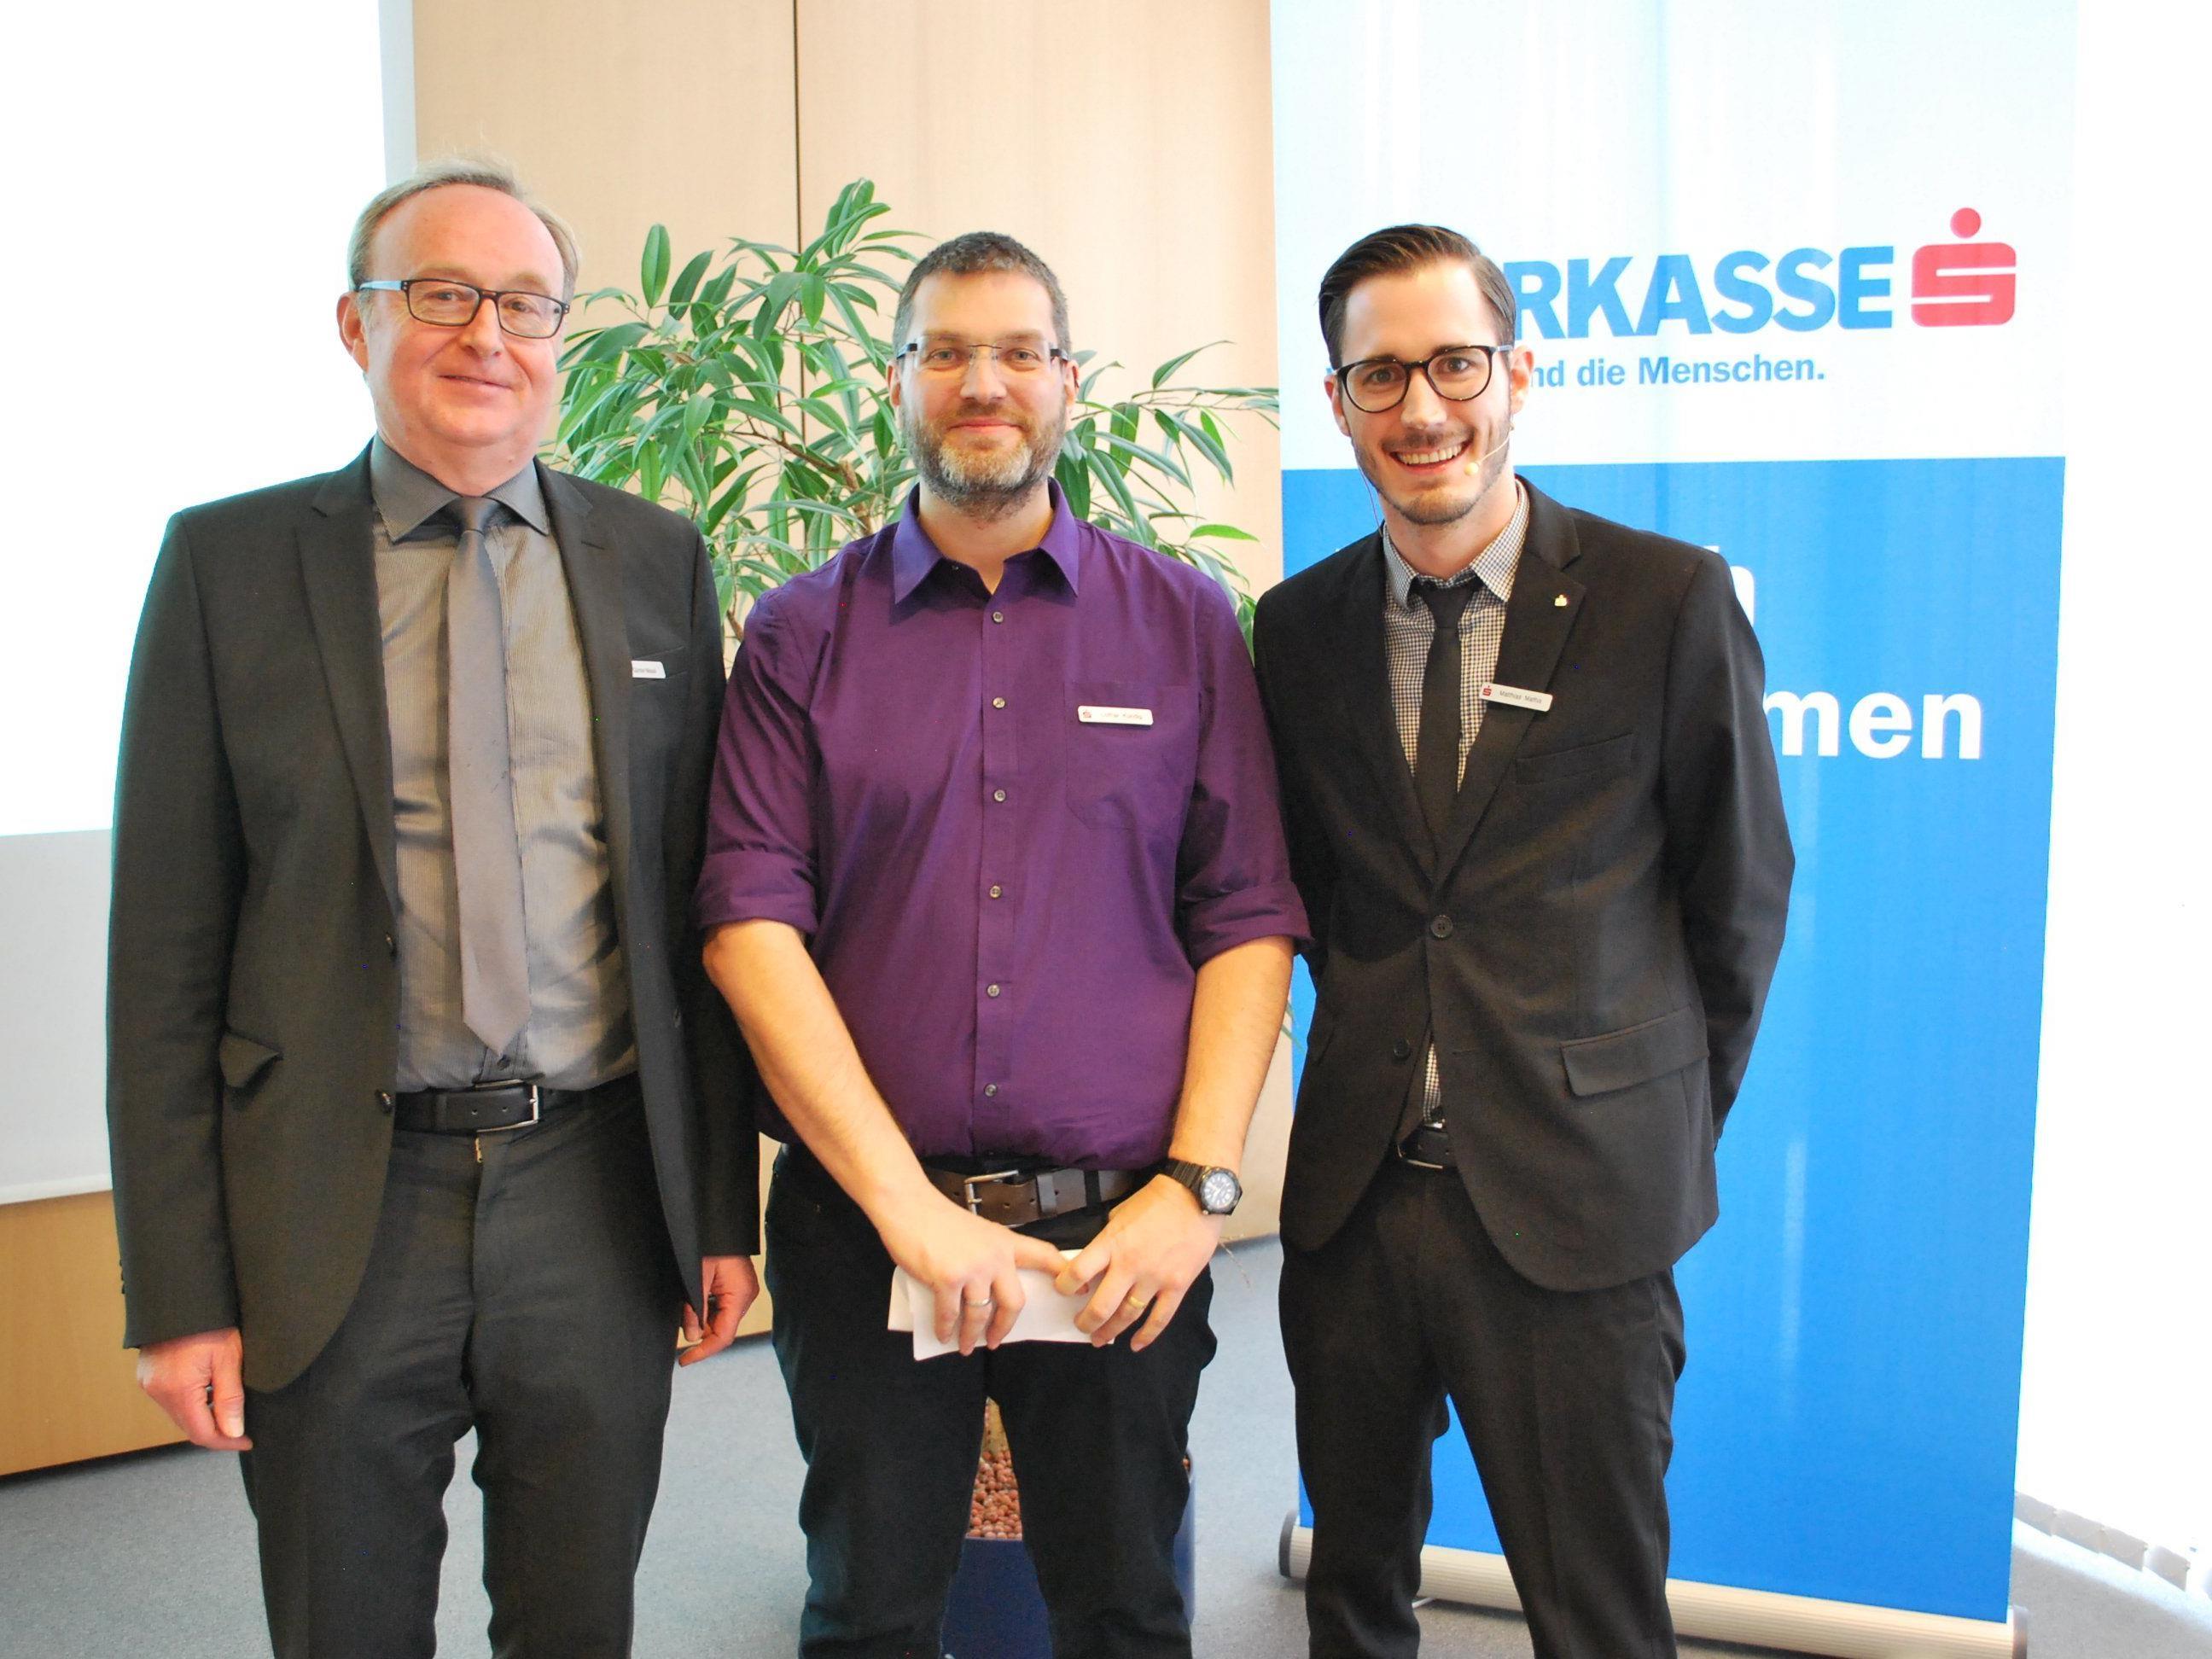 Sie sorgten für ein interessantes Seminar: Günter Masal, Lothar Kündig, Matthias Mathis (vl)